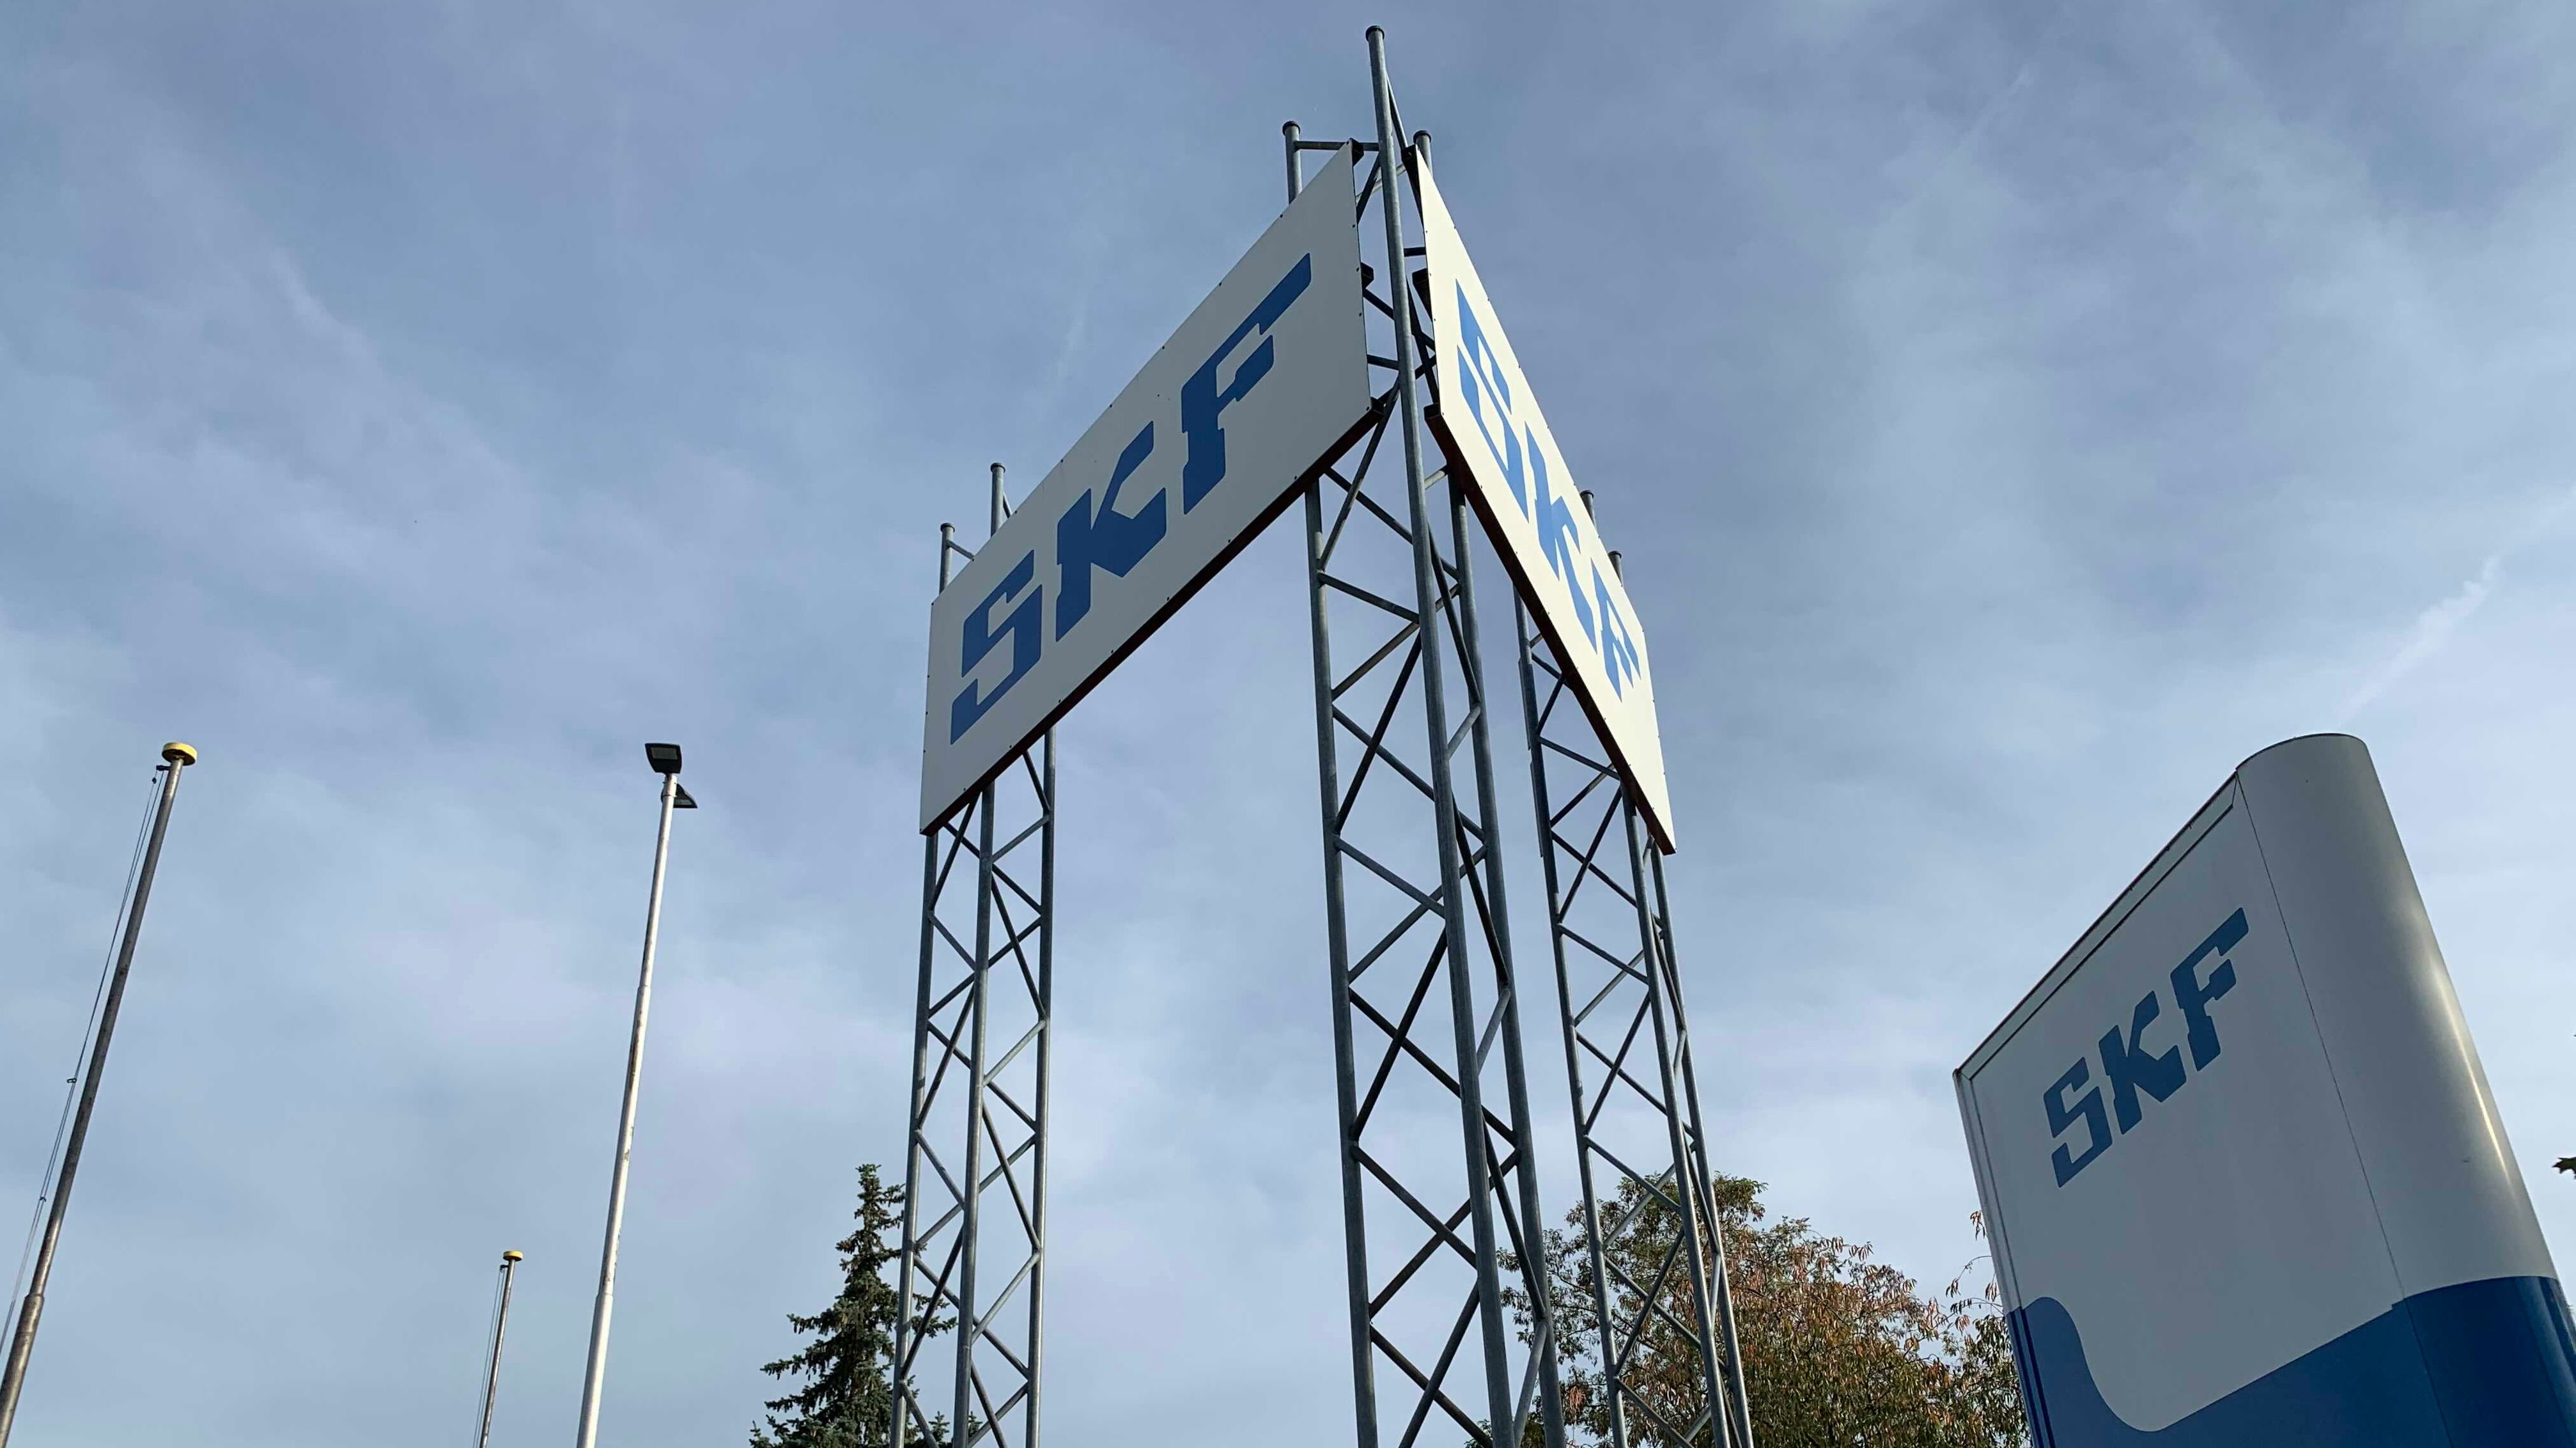 Große Werbetafeln der Firma SKF vor dem Firmengelände in Schweinfurt.